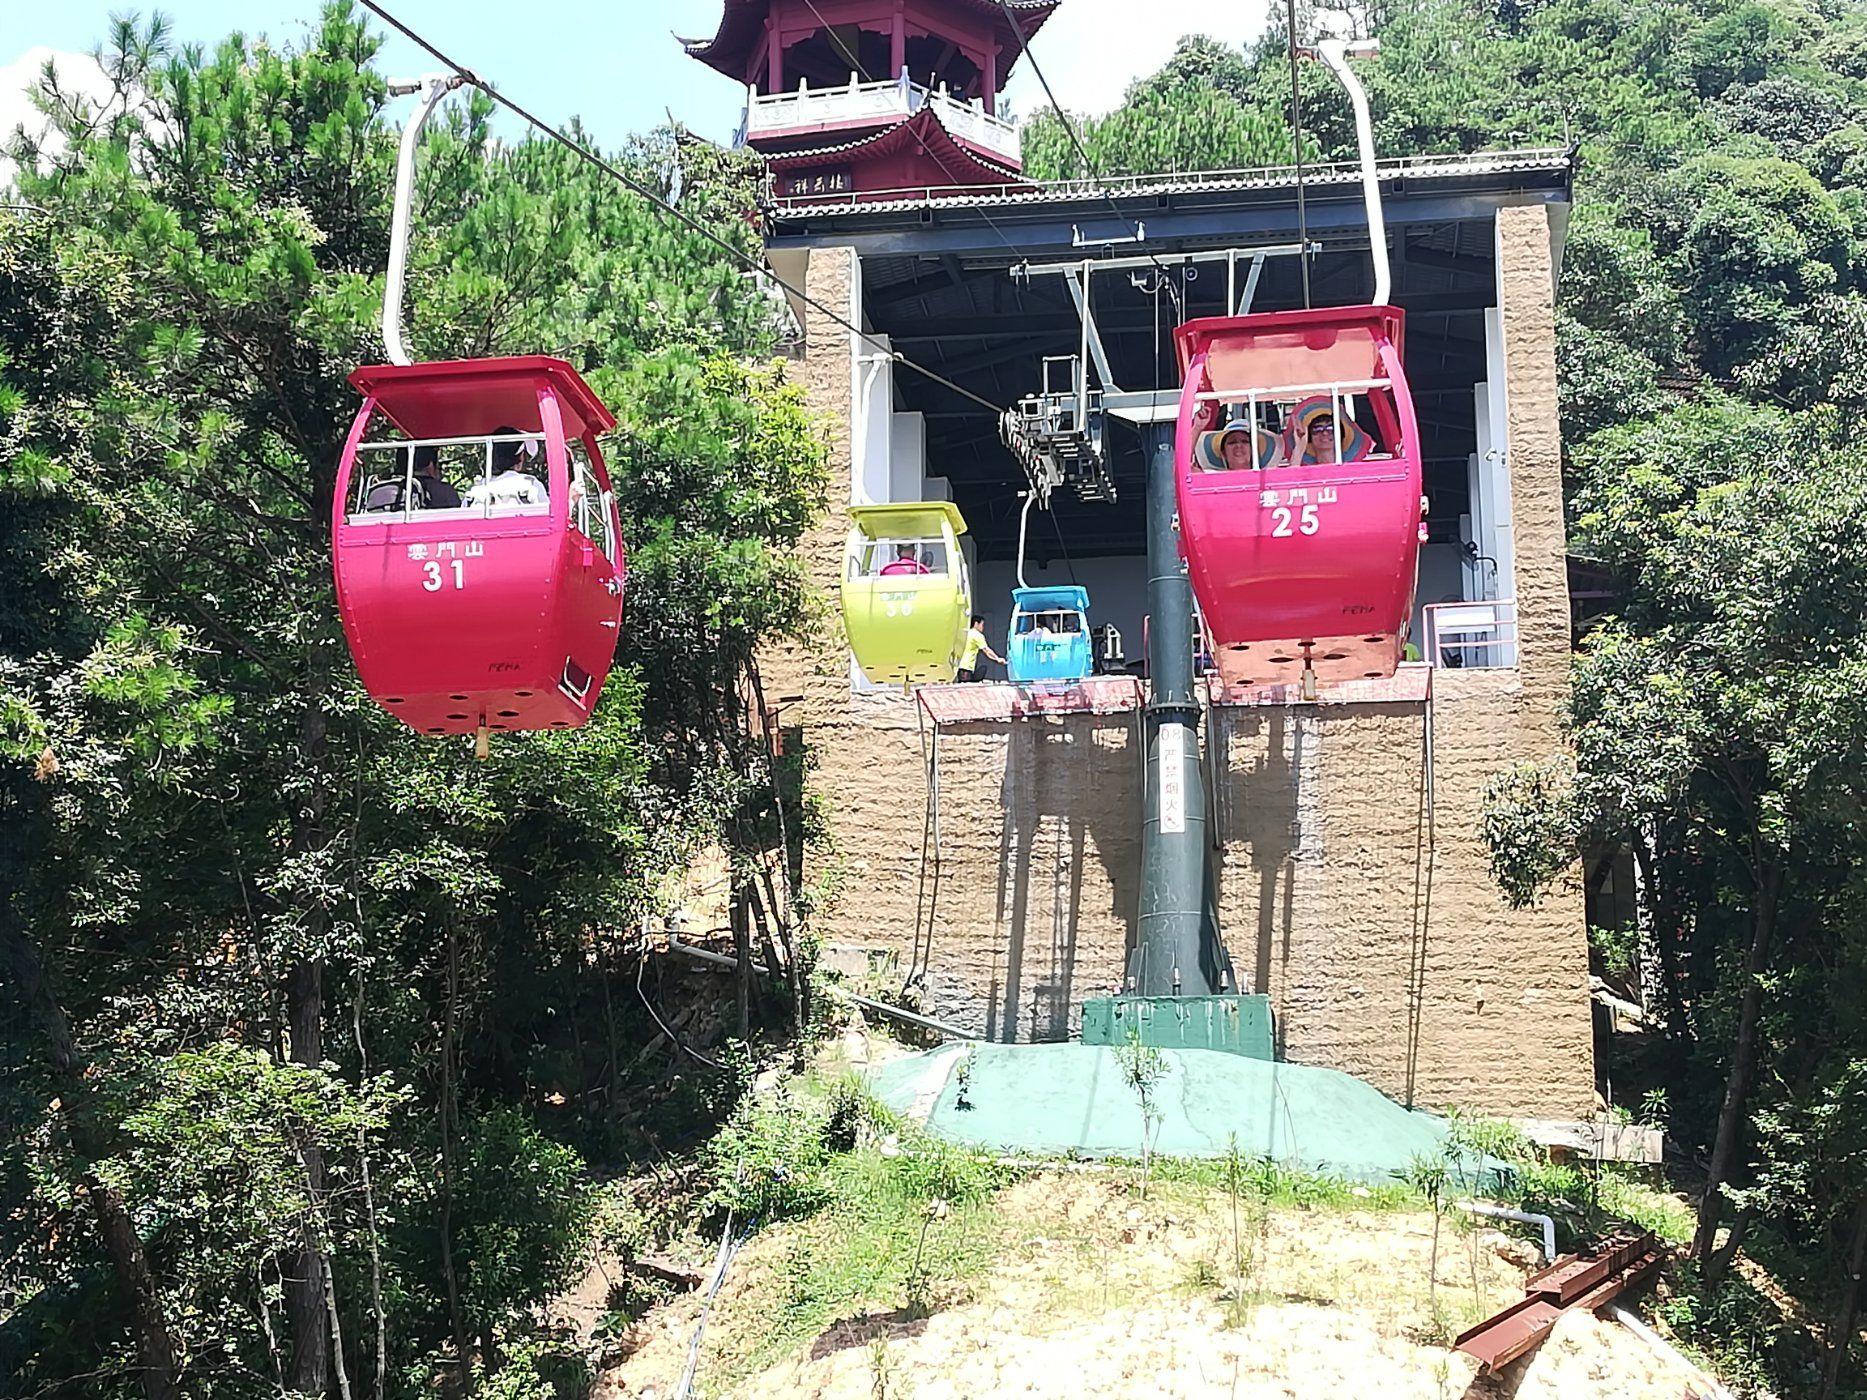 云门山旅游度假区票(含玻璃桥票) 云门山水上乐园票(双人票)